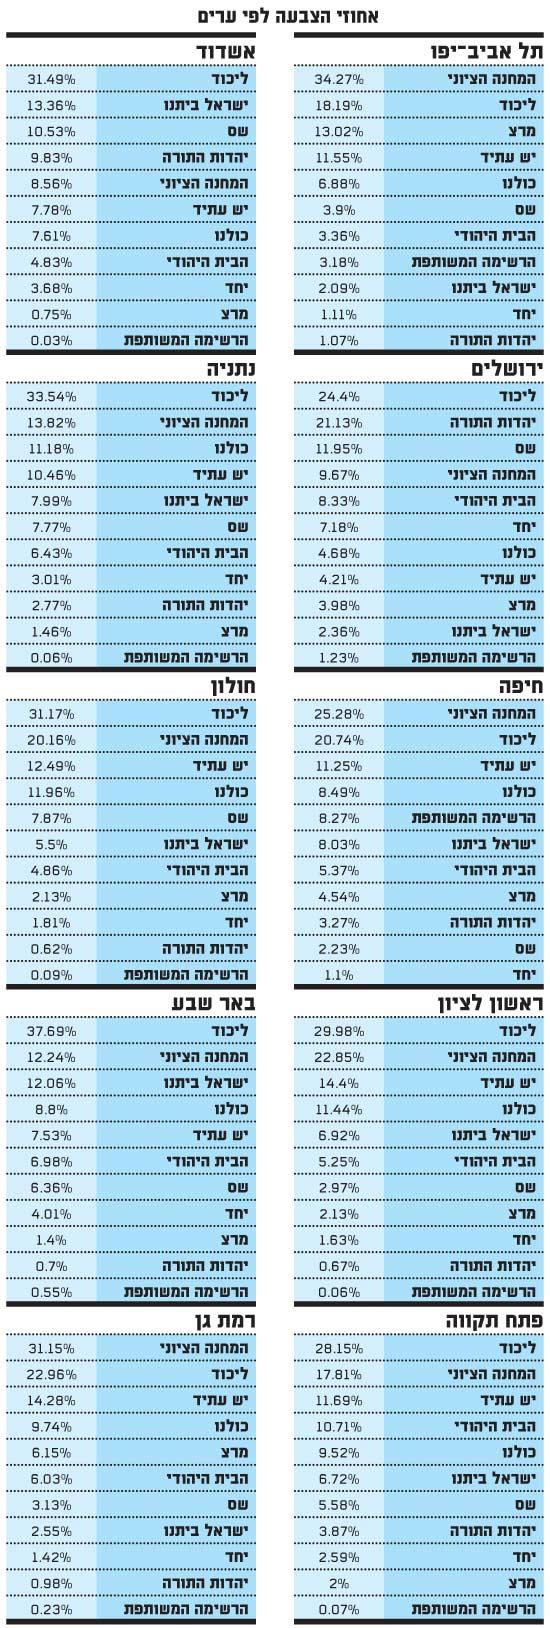 אחוזי הצבעה לפי ערים